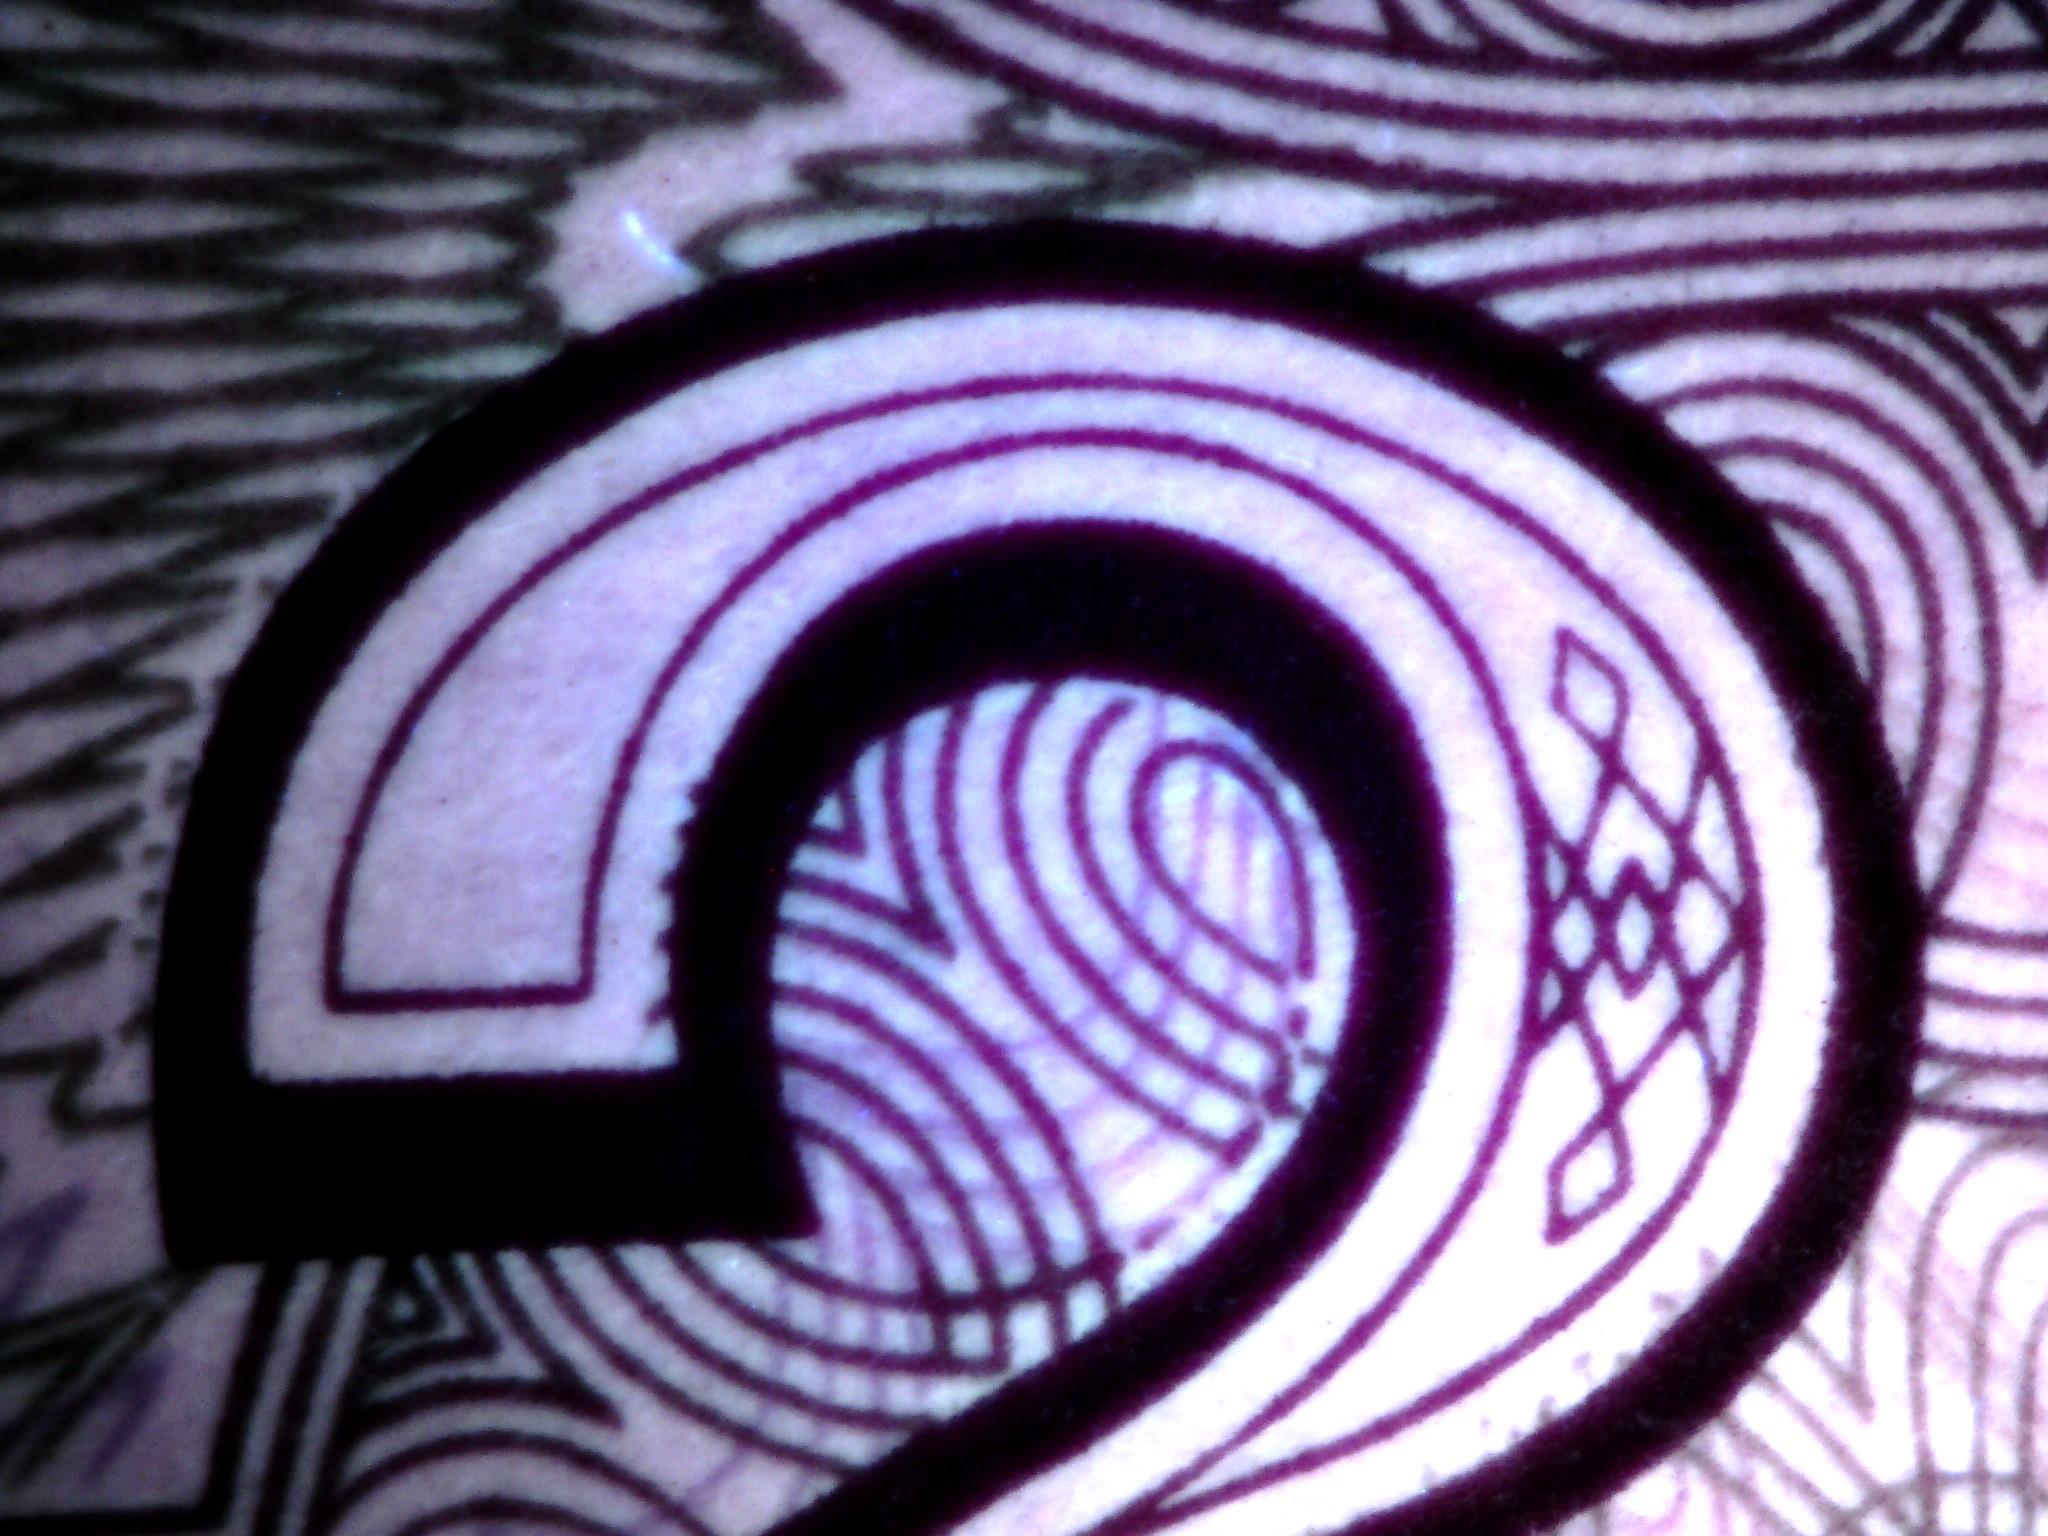 普通2角荧光图.jpg